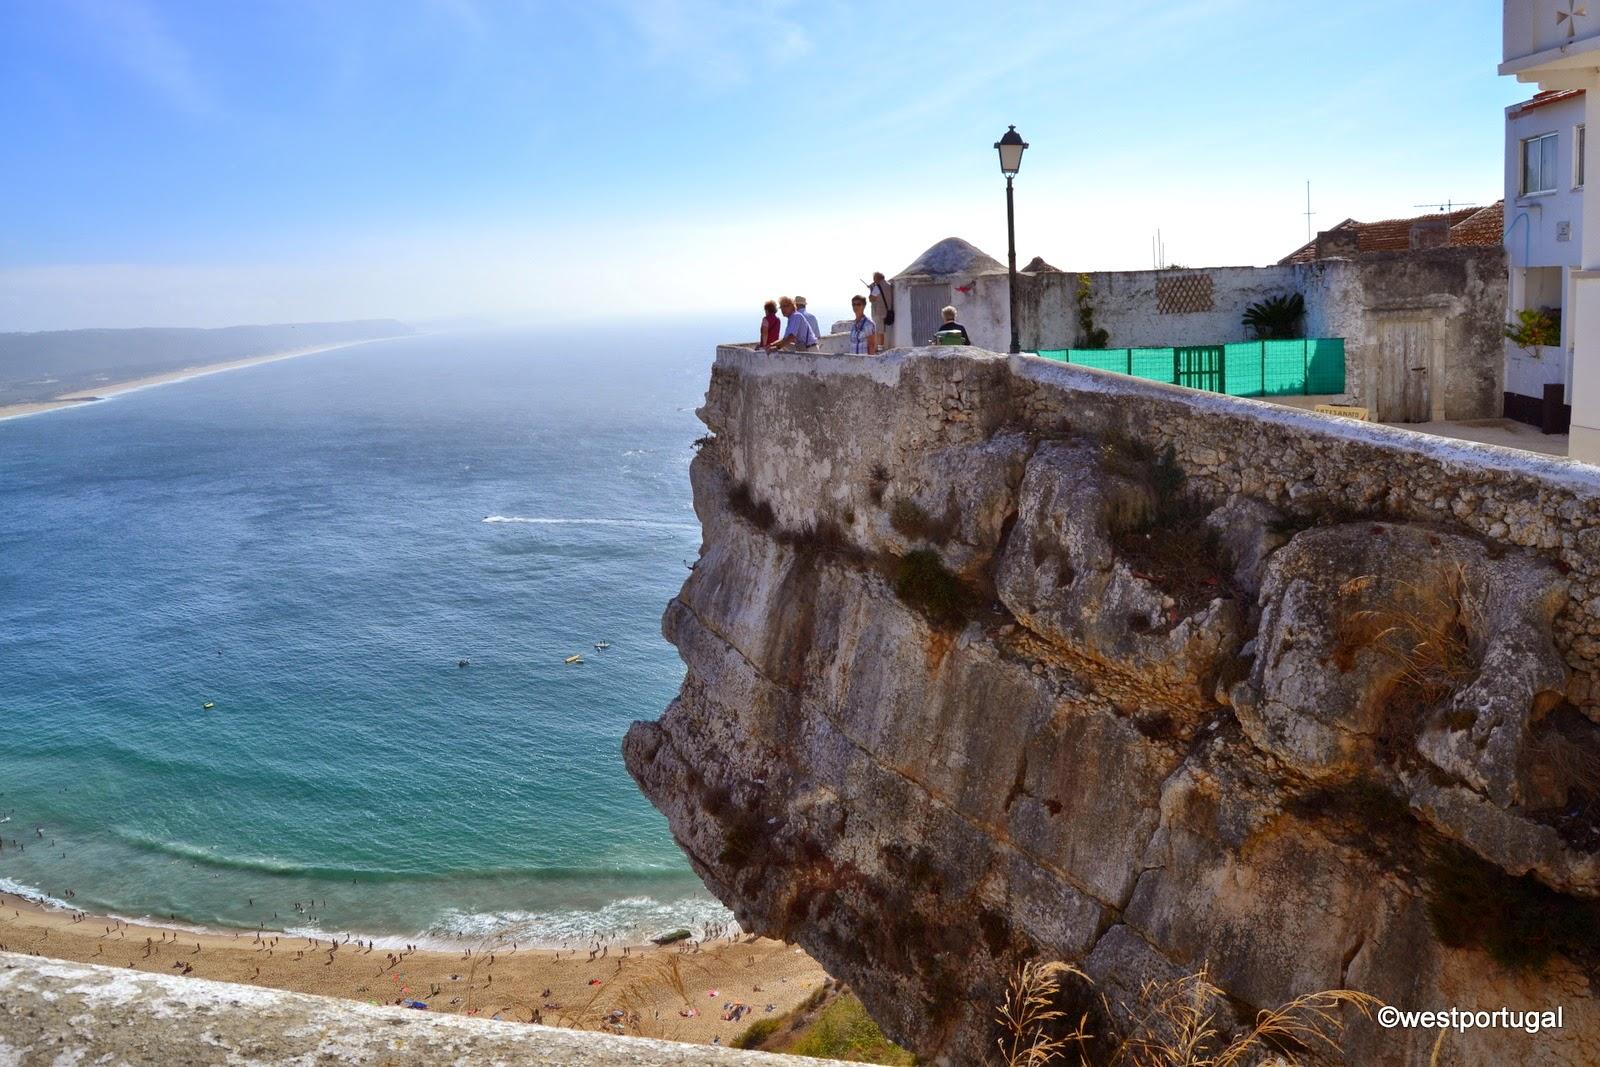 португальские города, Назаре, скалы